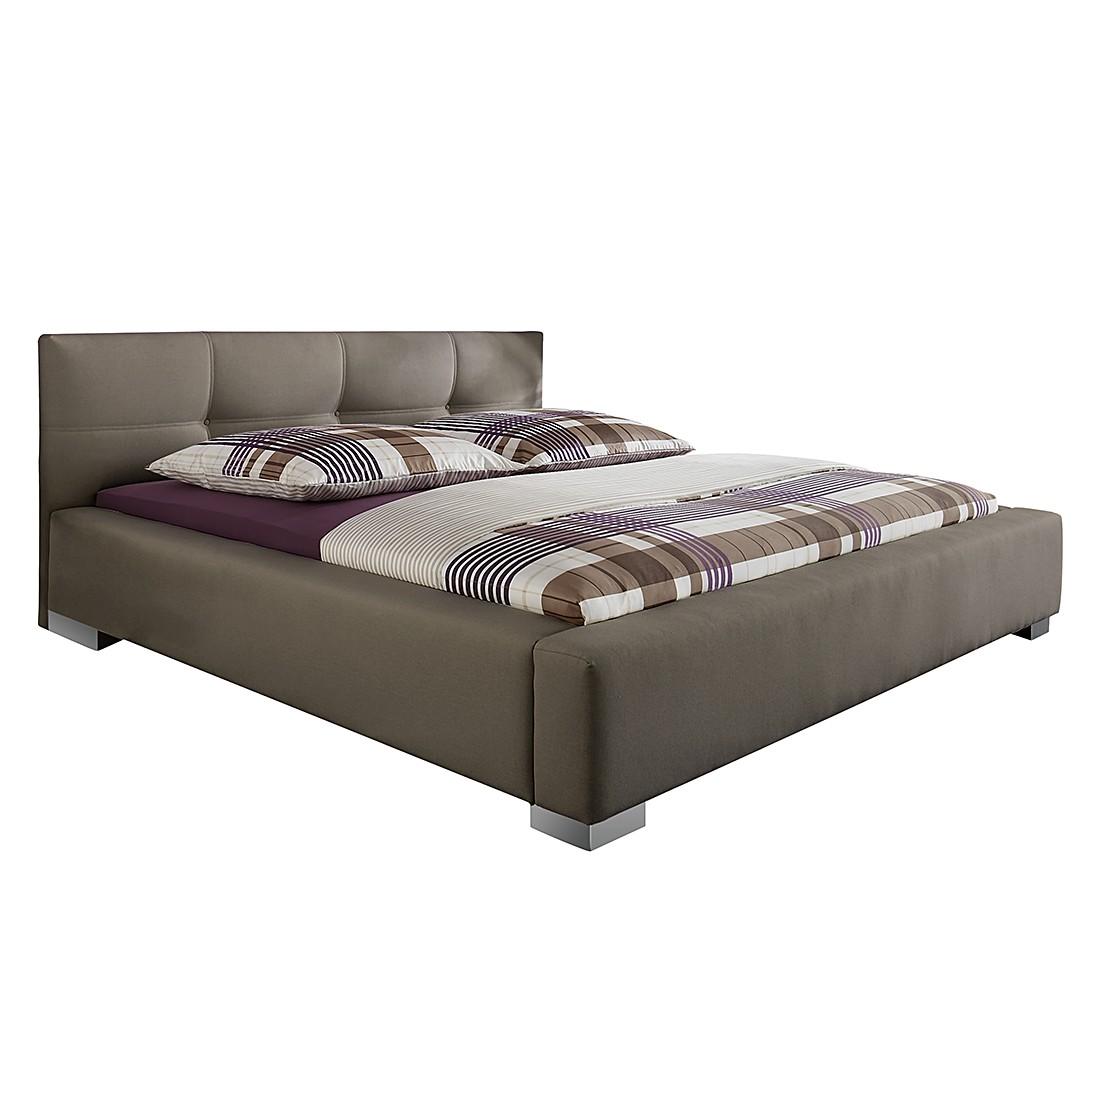 Gestoffeerd bed Luca - 140 x 200cm - Bedframe zonder matras & lattenbodem - Taupe, Monaco